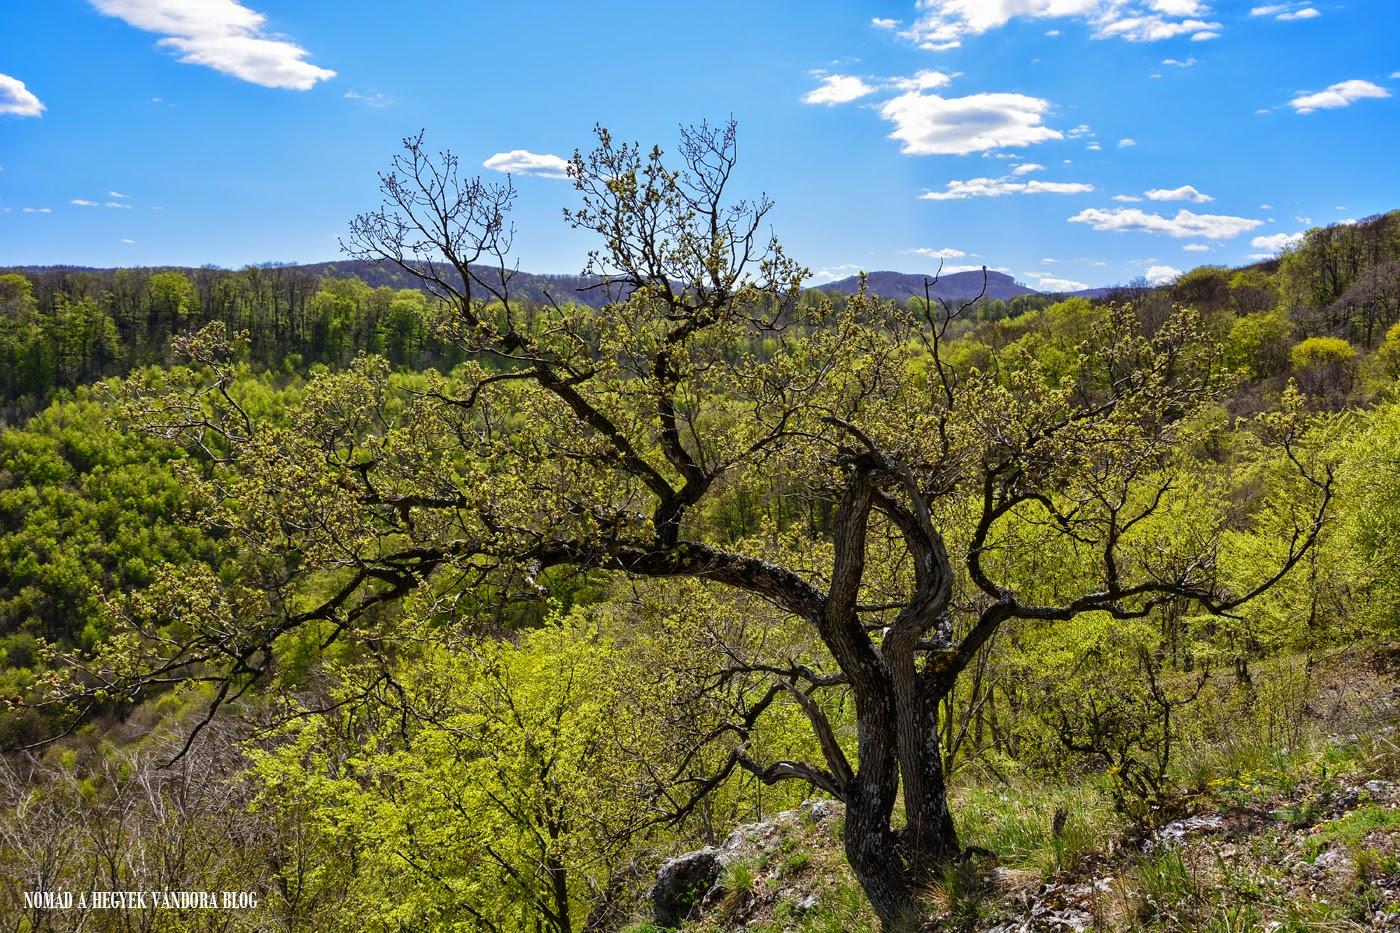 Nomád a hegyek vándora - természetjáró és túrafotós blog